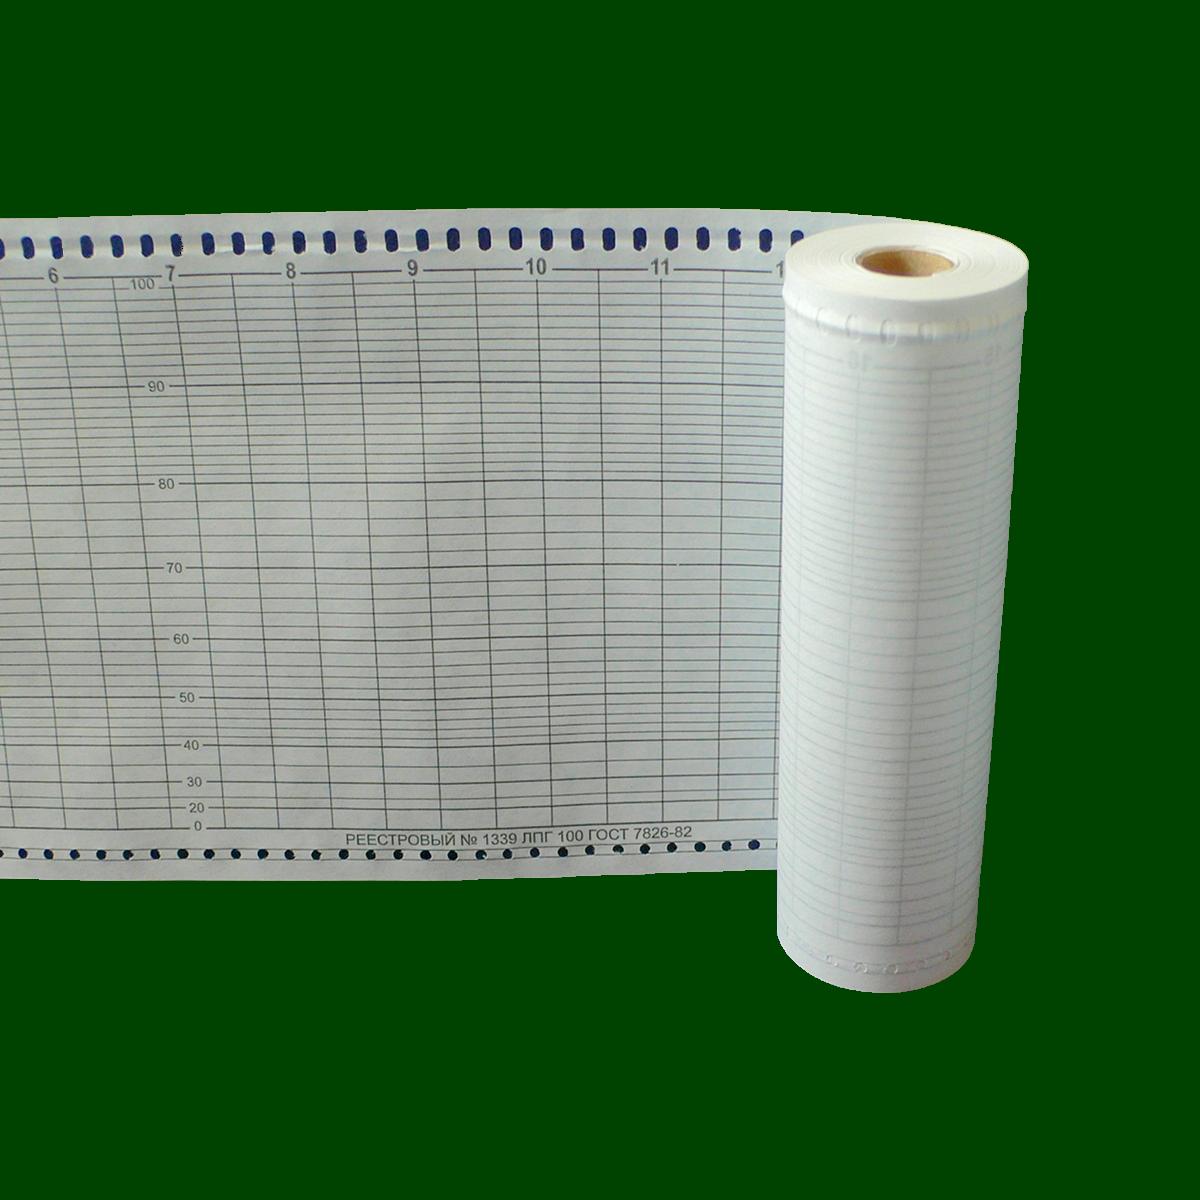 Диаграммная рулонная лента, реестровый № 1339  (42,333 руб/кв.м)